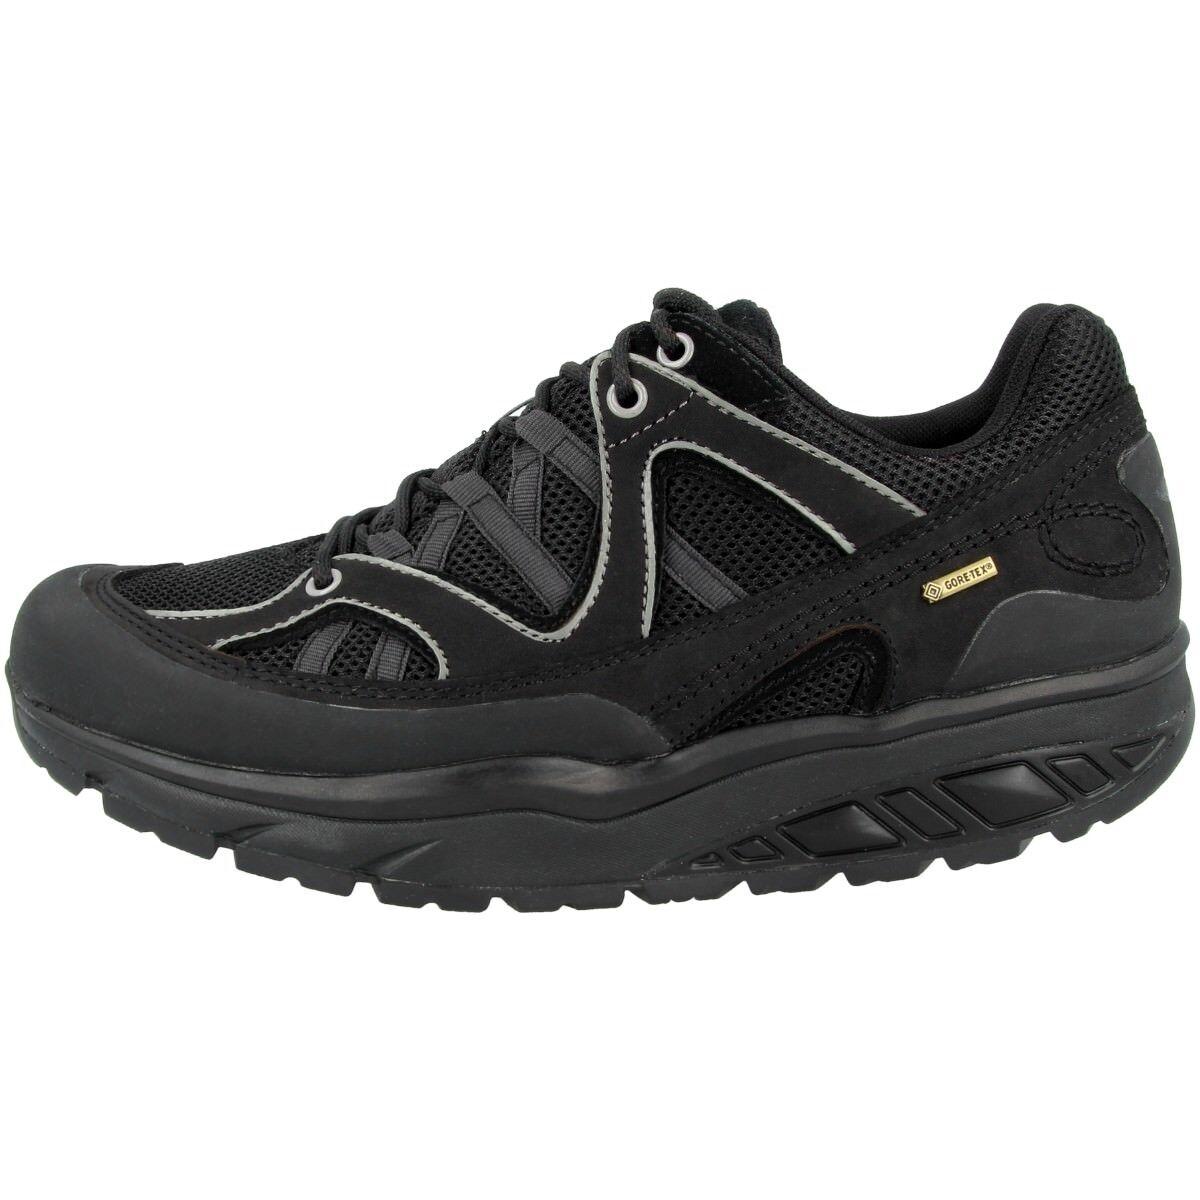 MBT Himaya GTX damen Schuhe Damen Gore-Tex Fitness Gesundheitsschuhe 700718-03T 700718-03T 700718-03T 160614